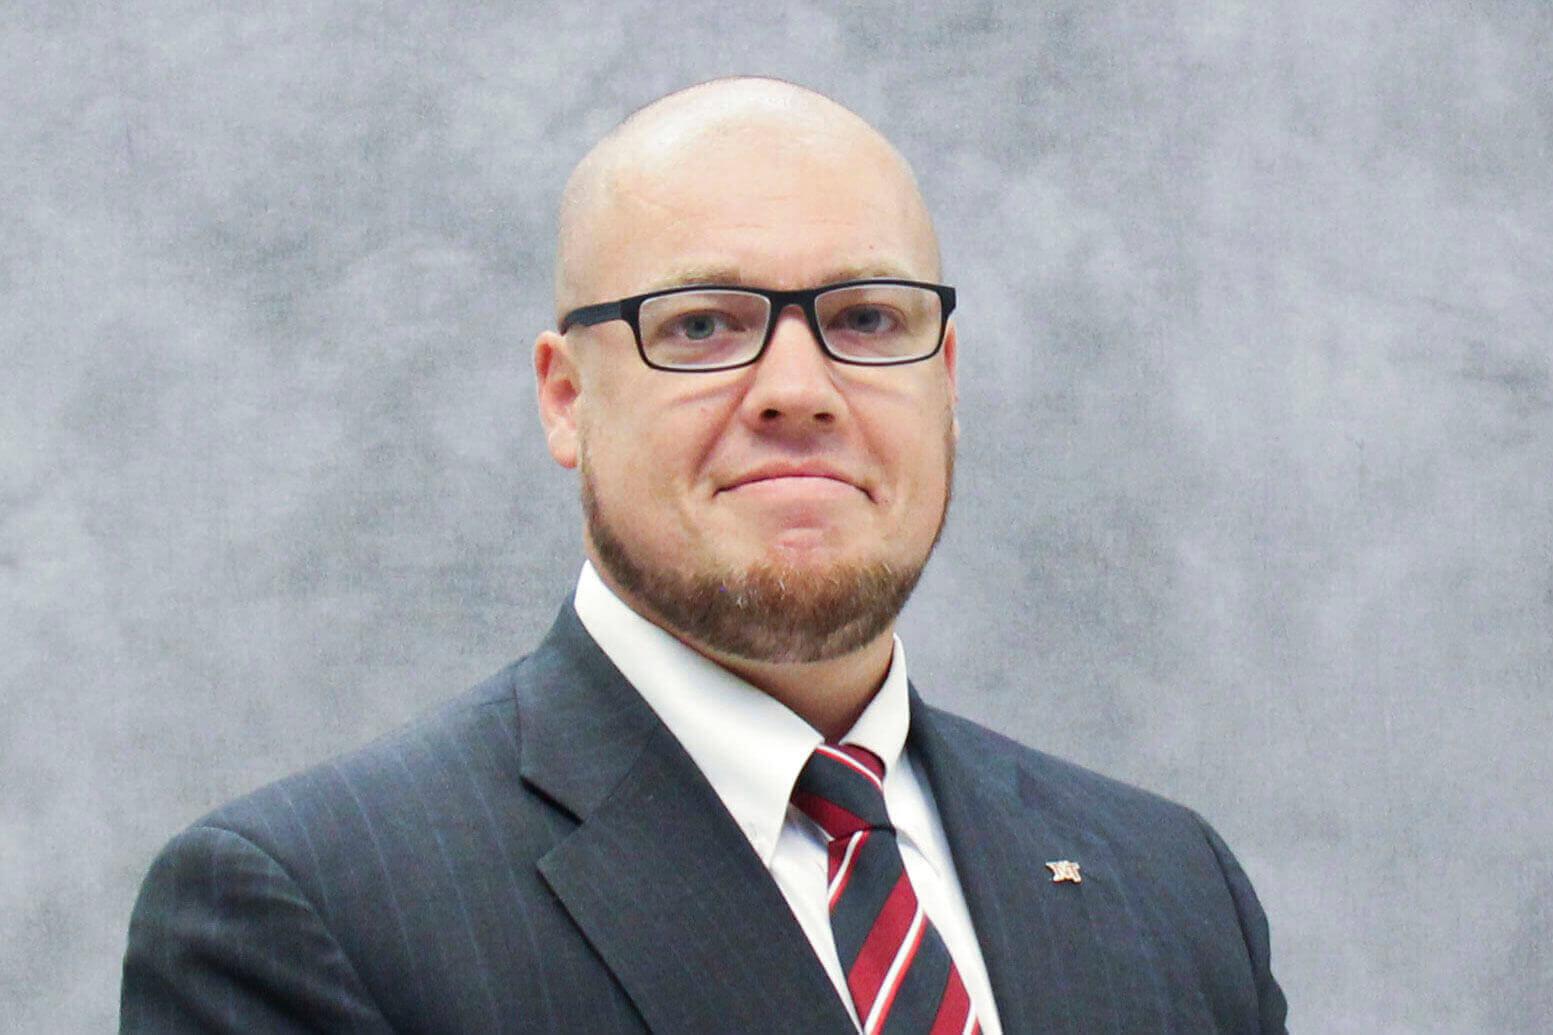 President Ben Schears